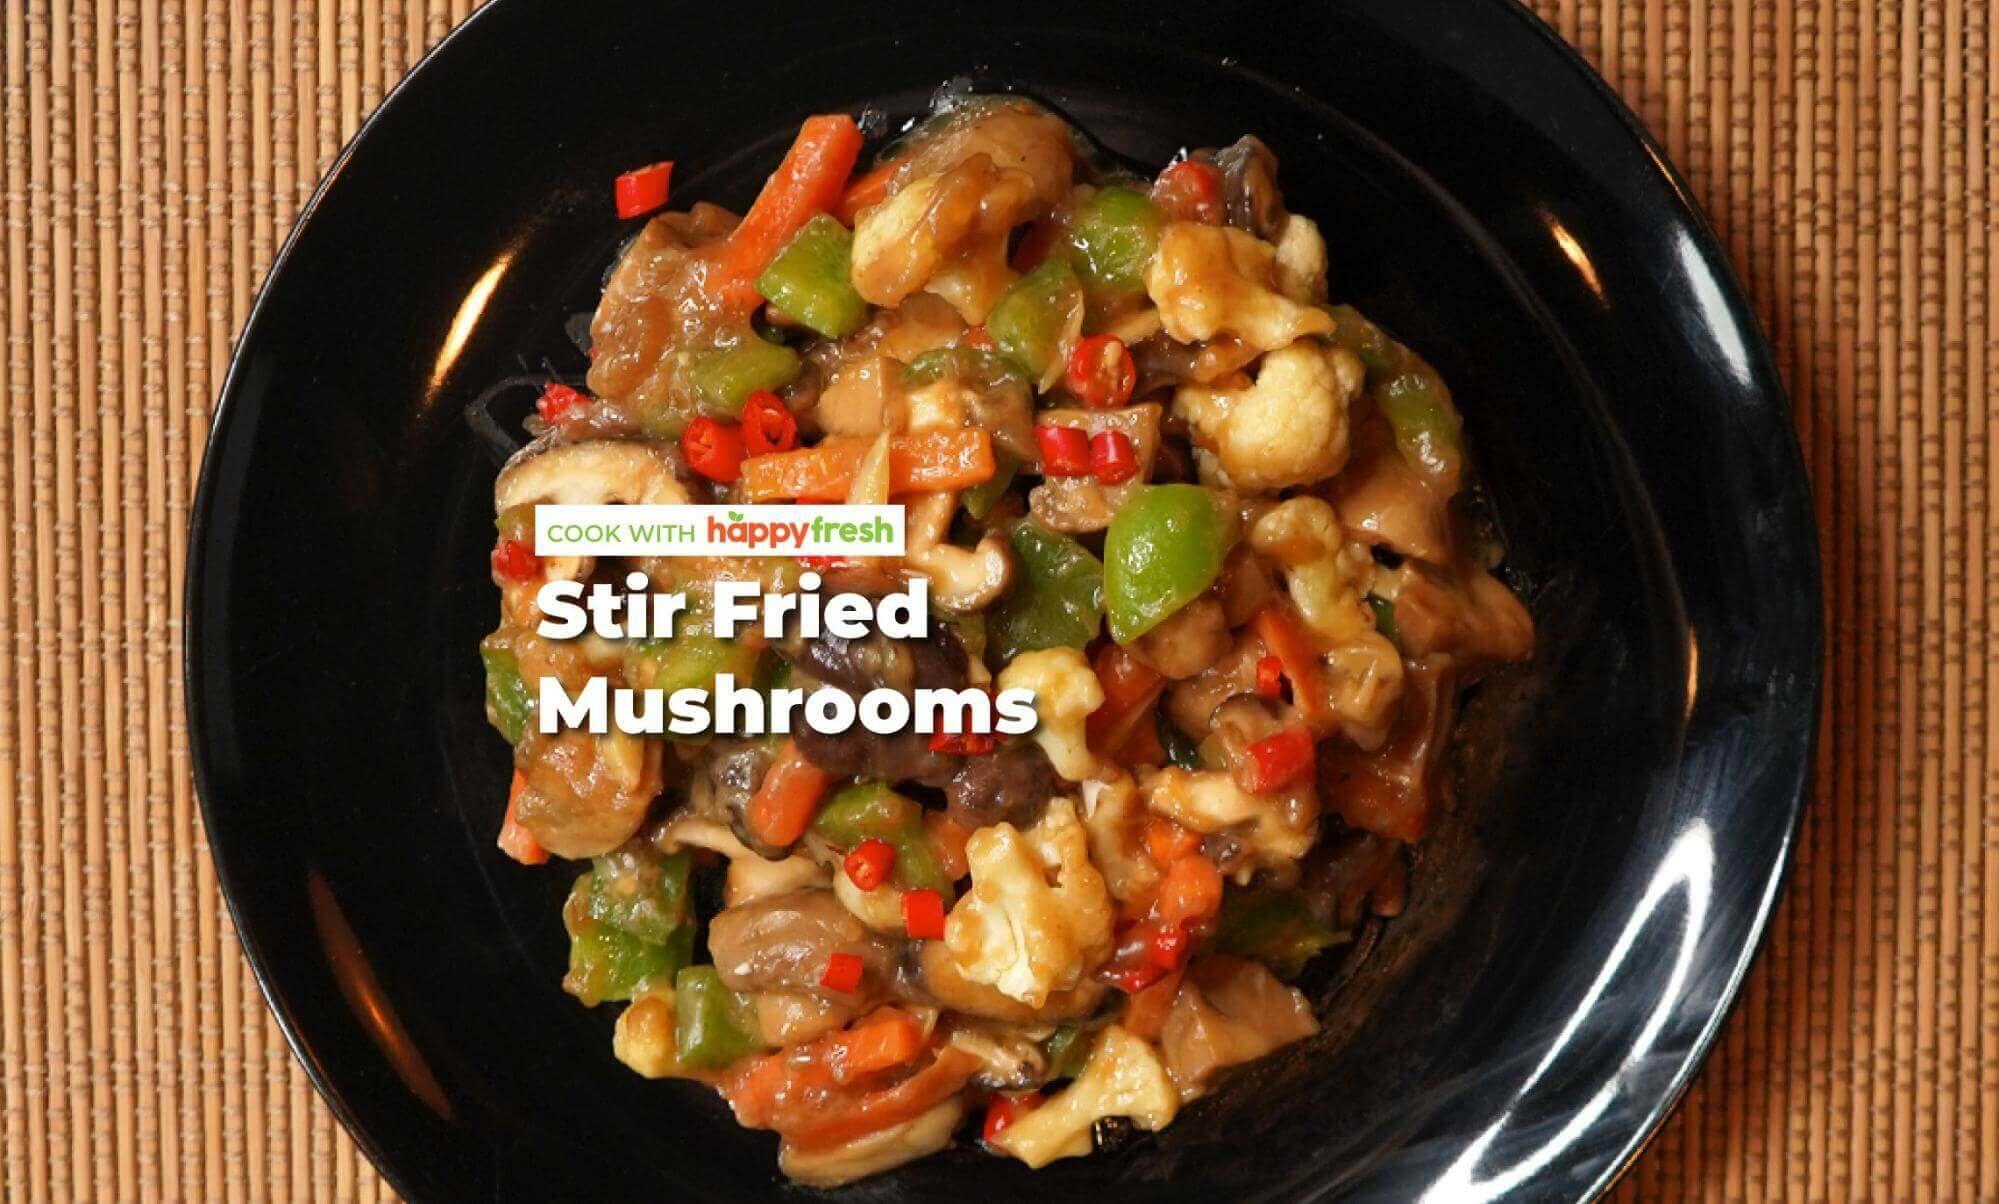 Stir fried mushrooms with Mahsuri sauce